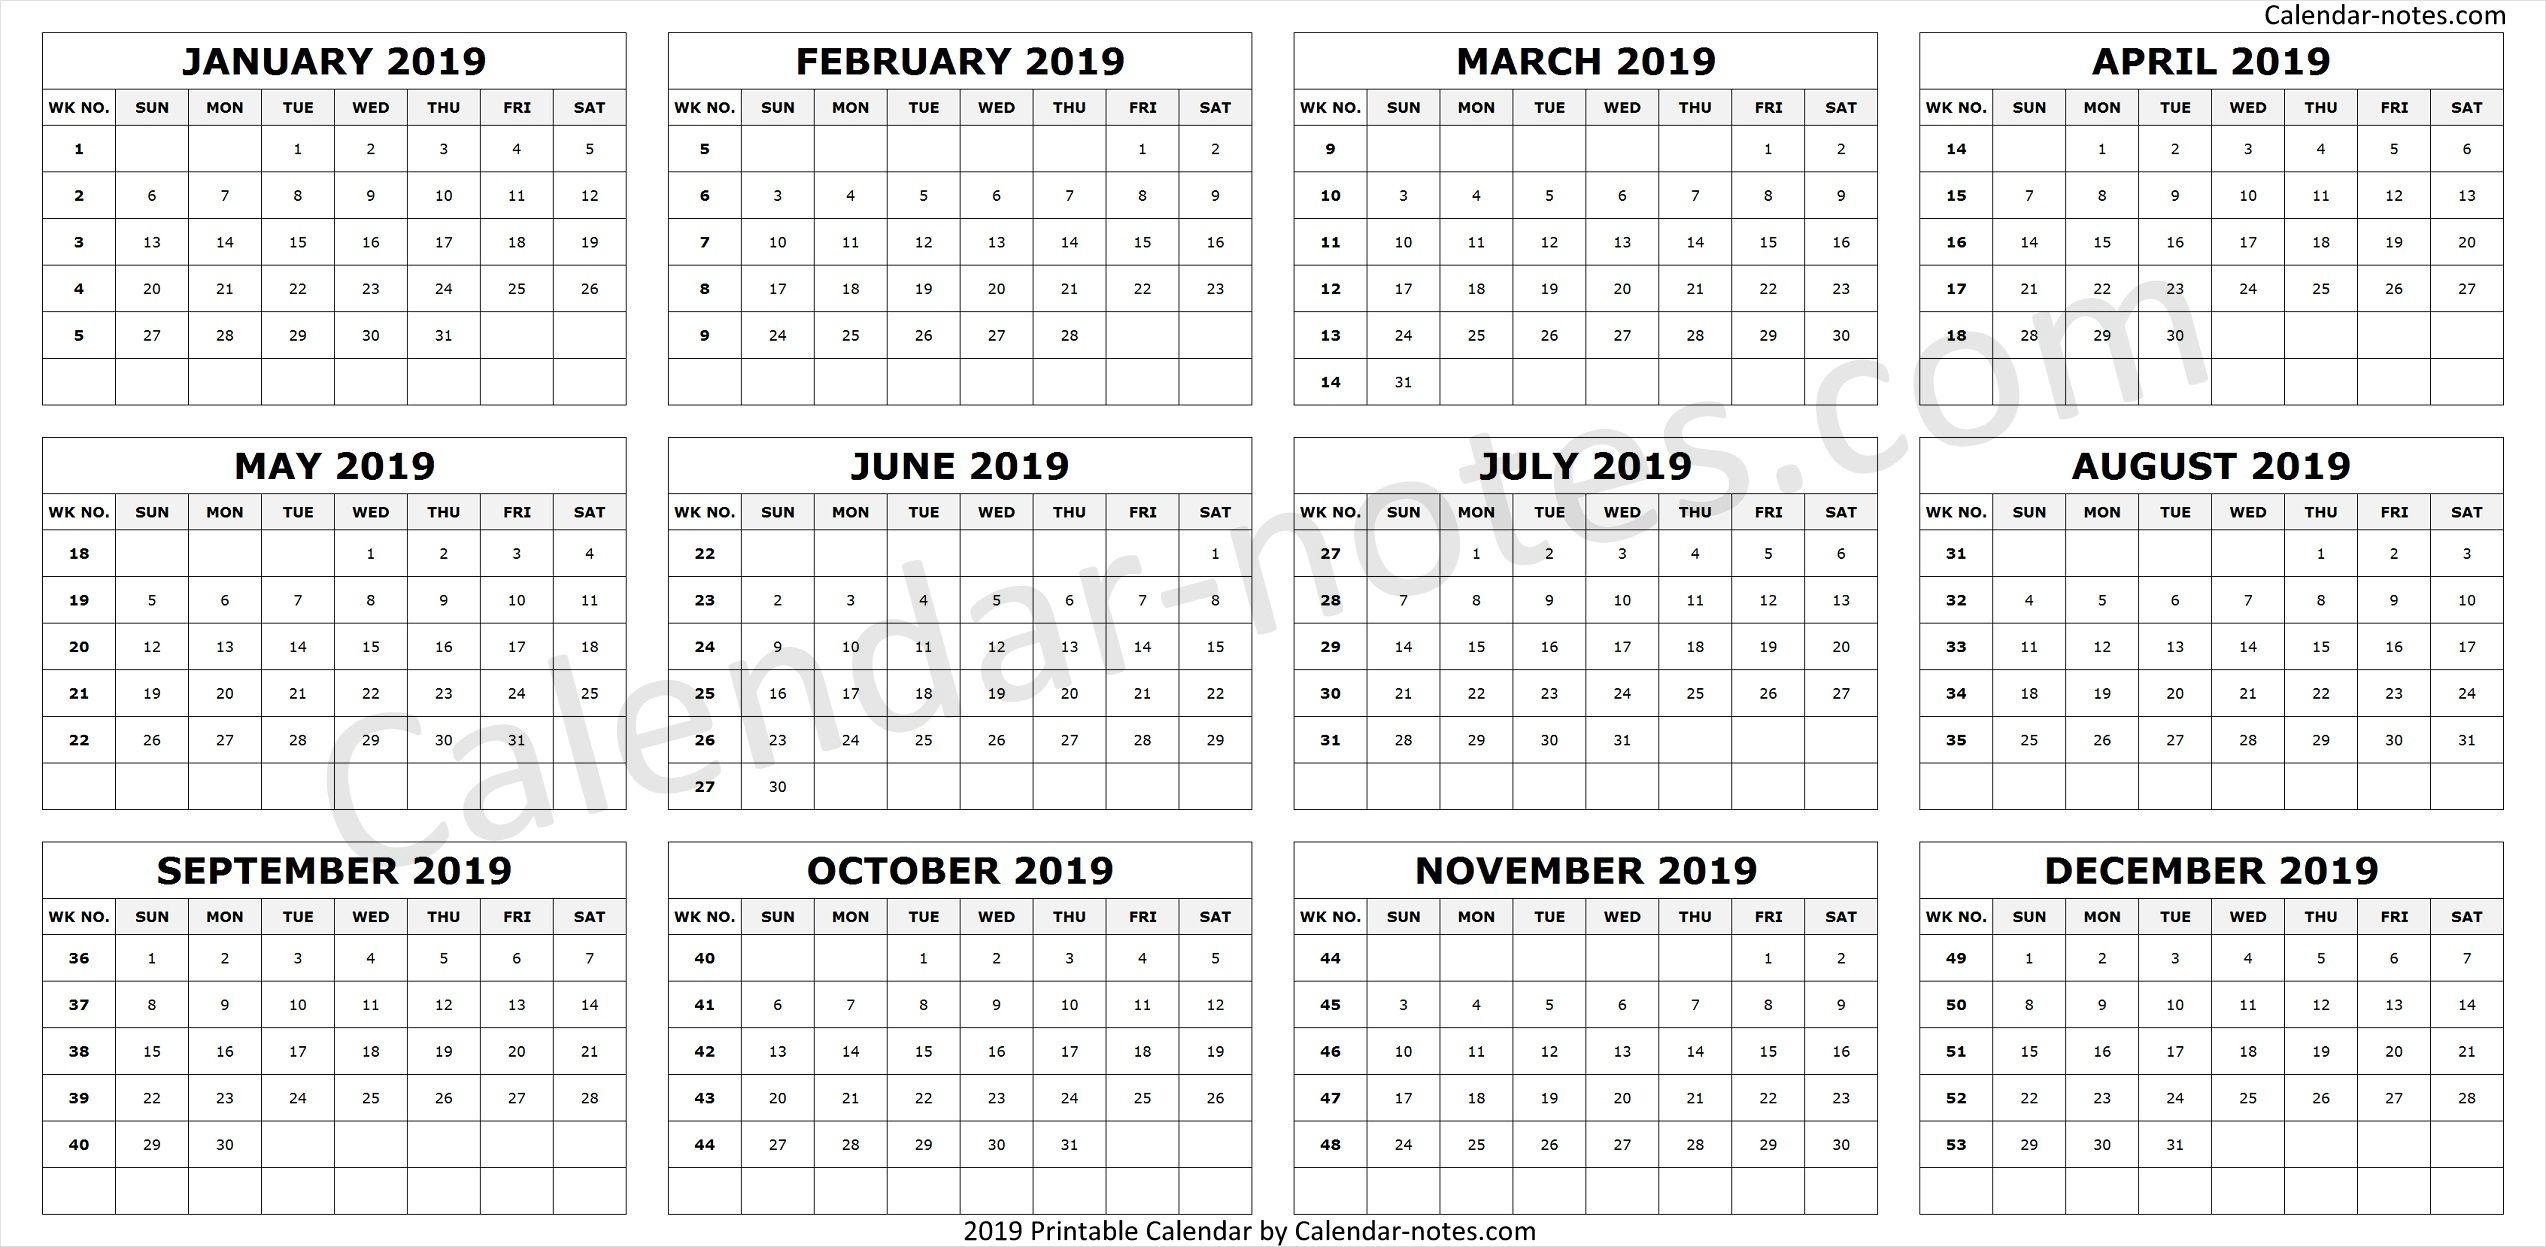 Calendar 2019 By Week Numbers   Week Number, Calendar 2019